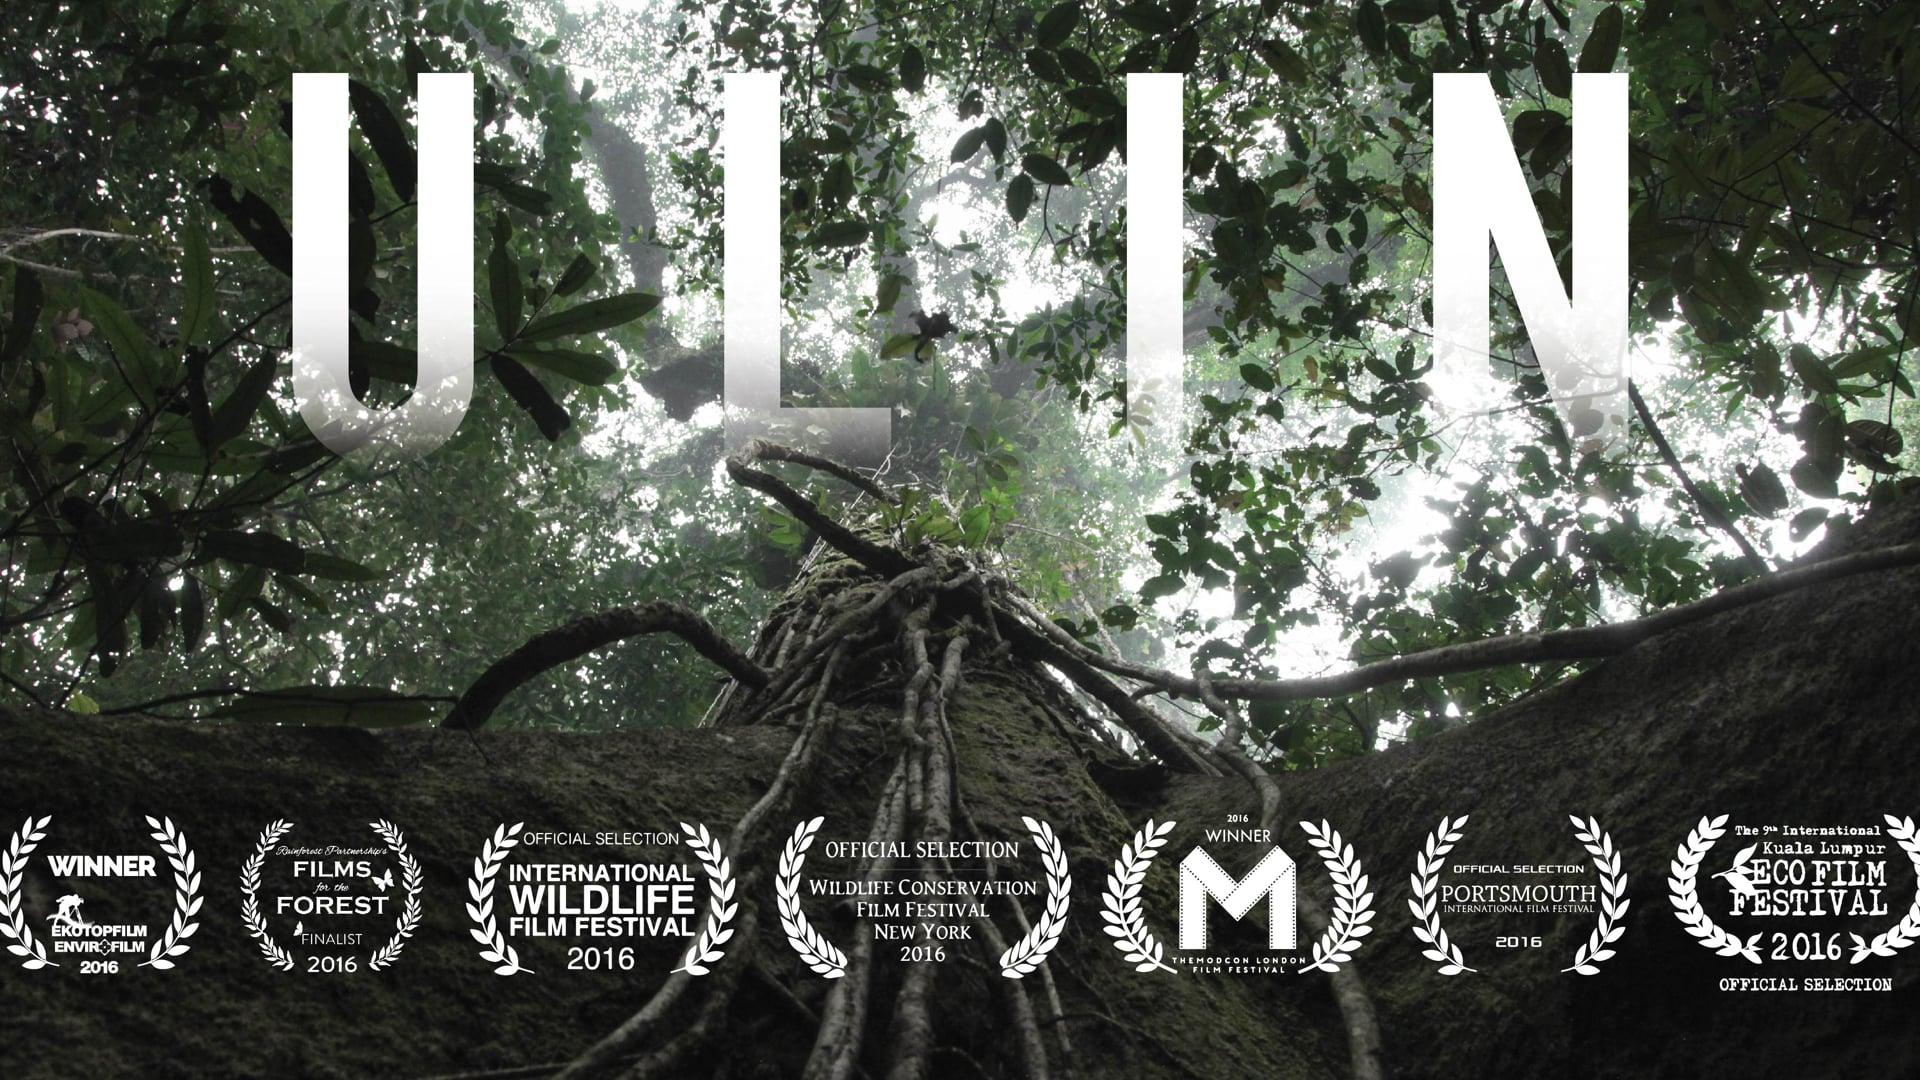 ULIN - Short film